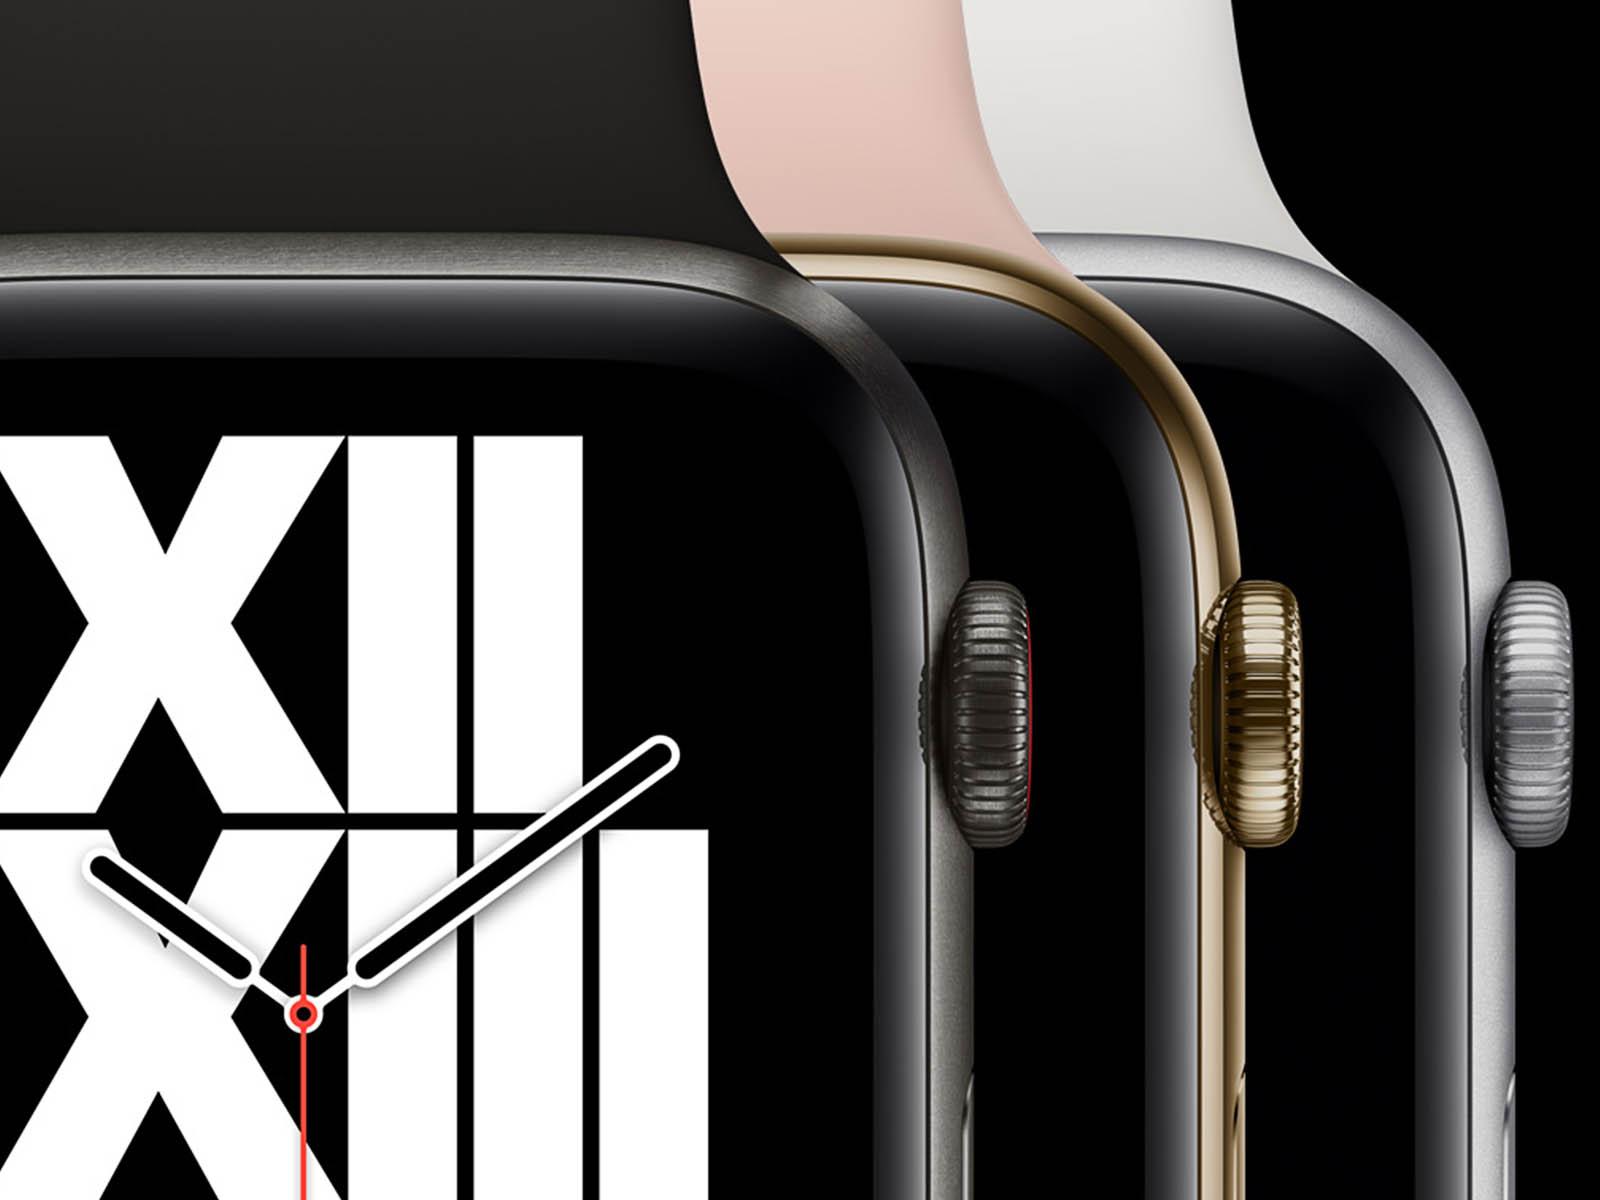 apple-watch-series-6-9.jpg